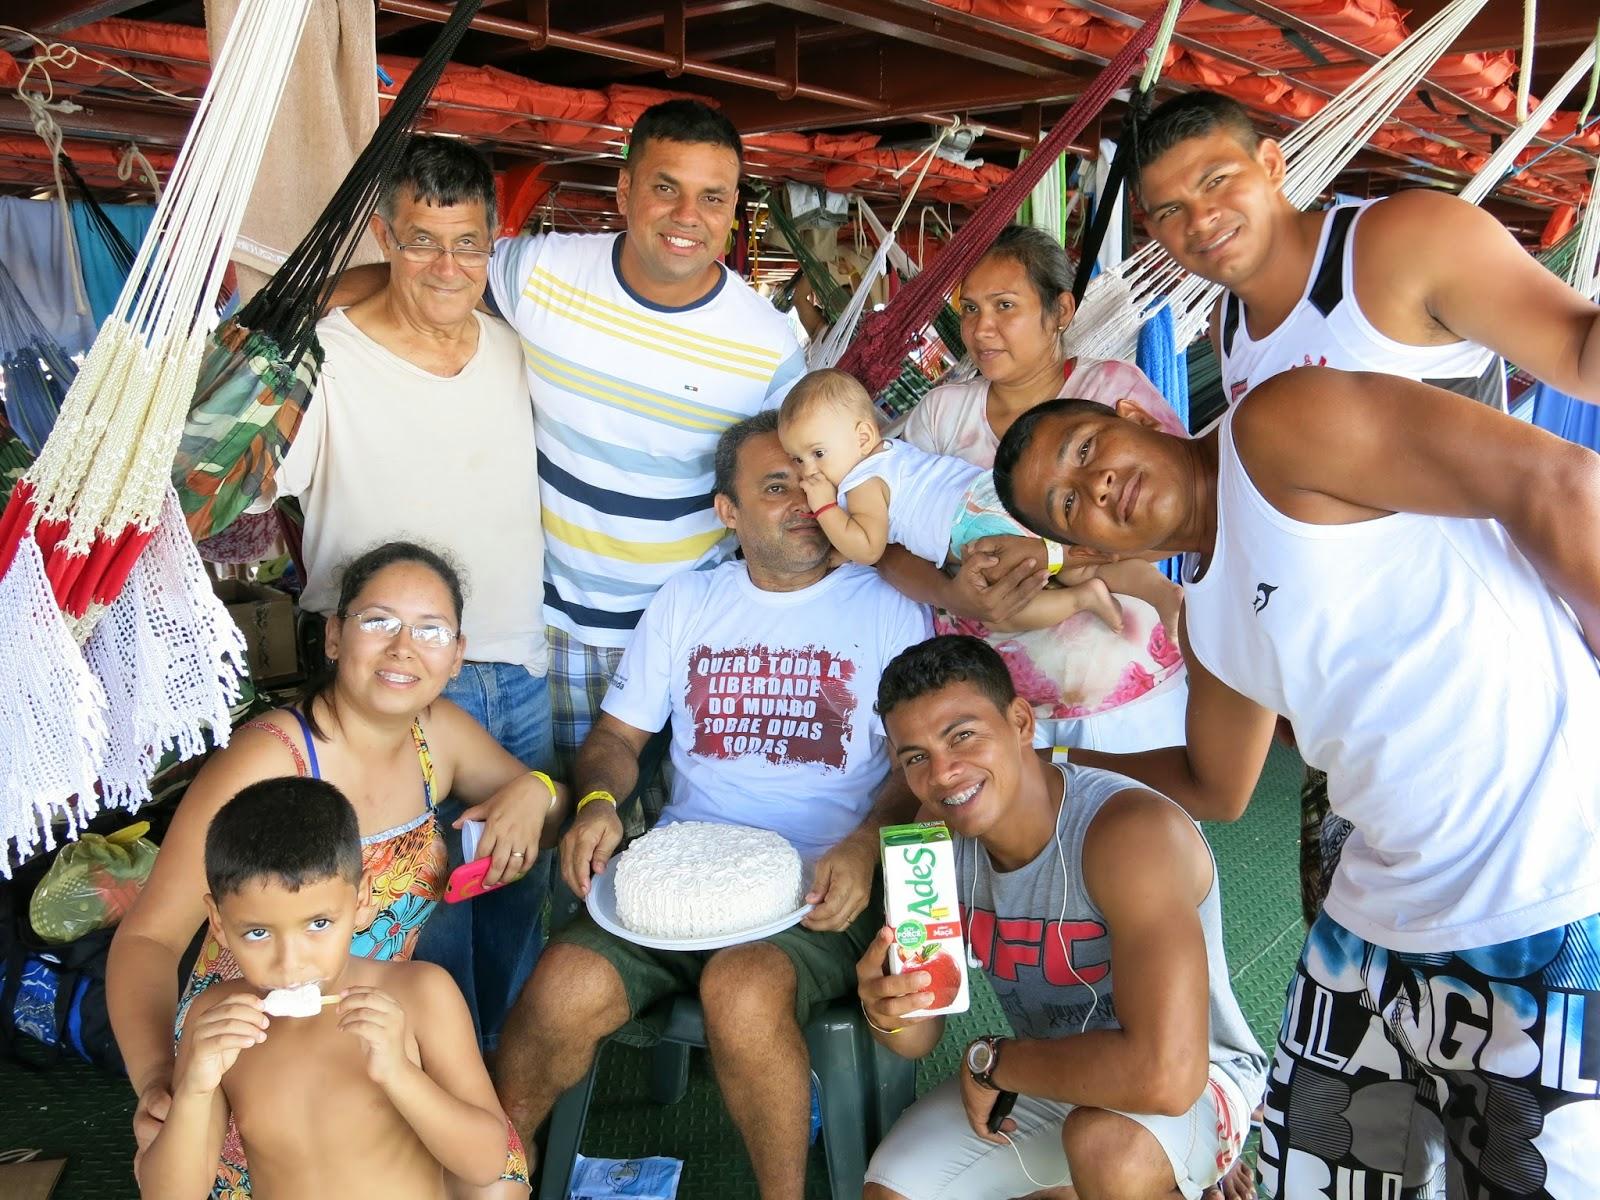 Amizades que fiz na viagem de barco comunitário.